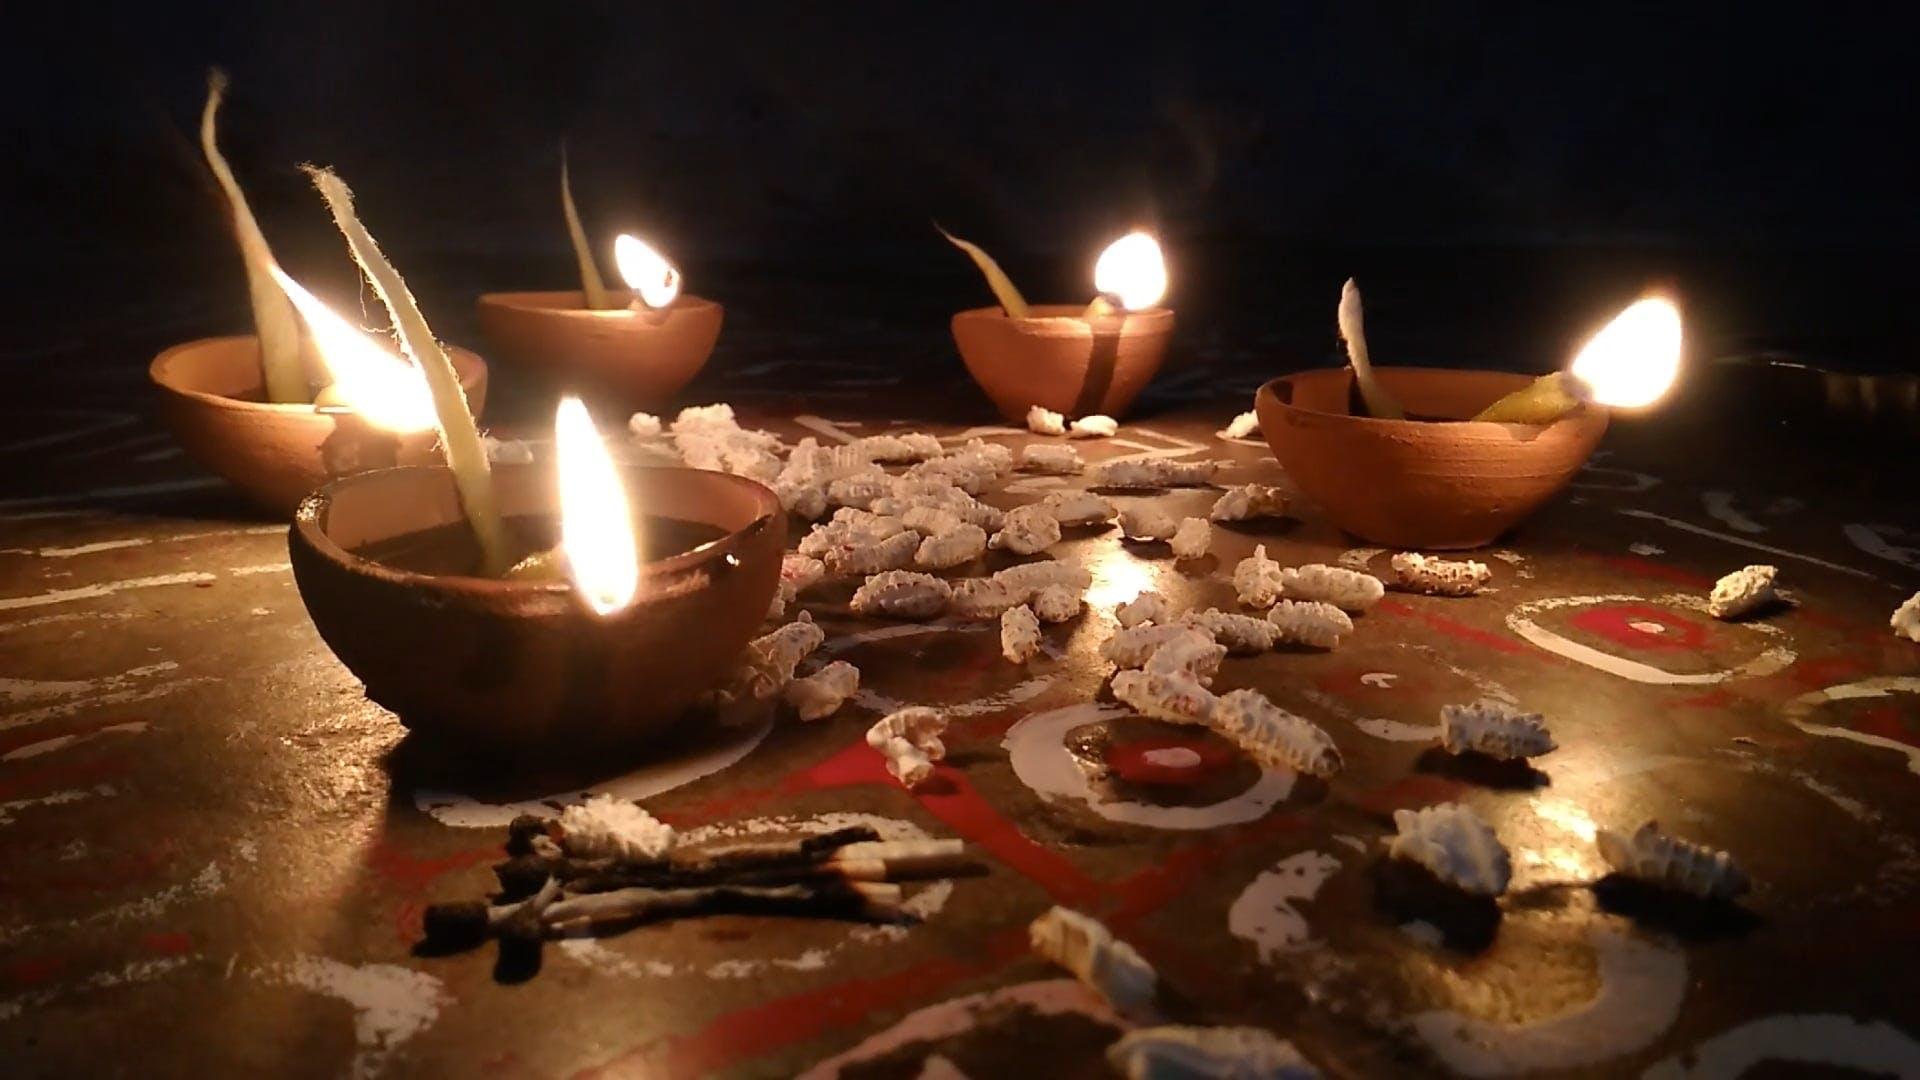 A Ritual Celebration